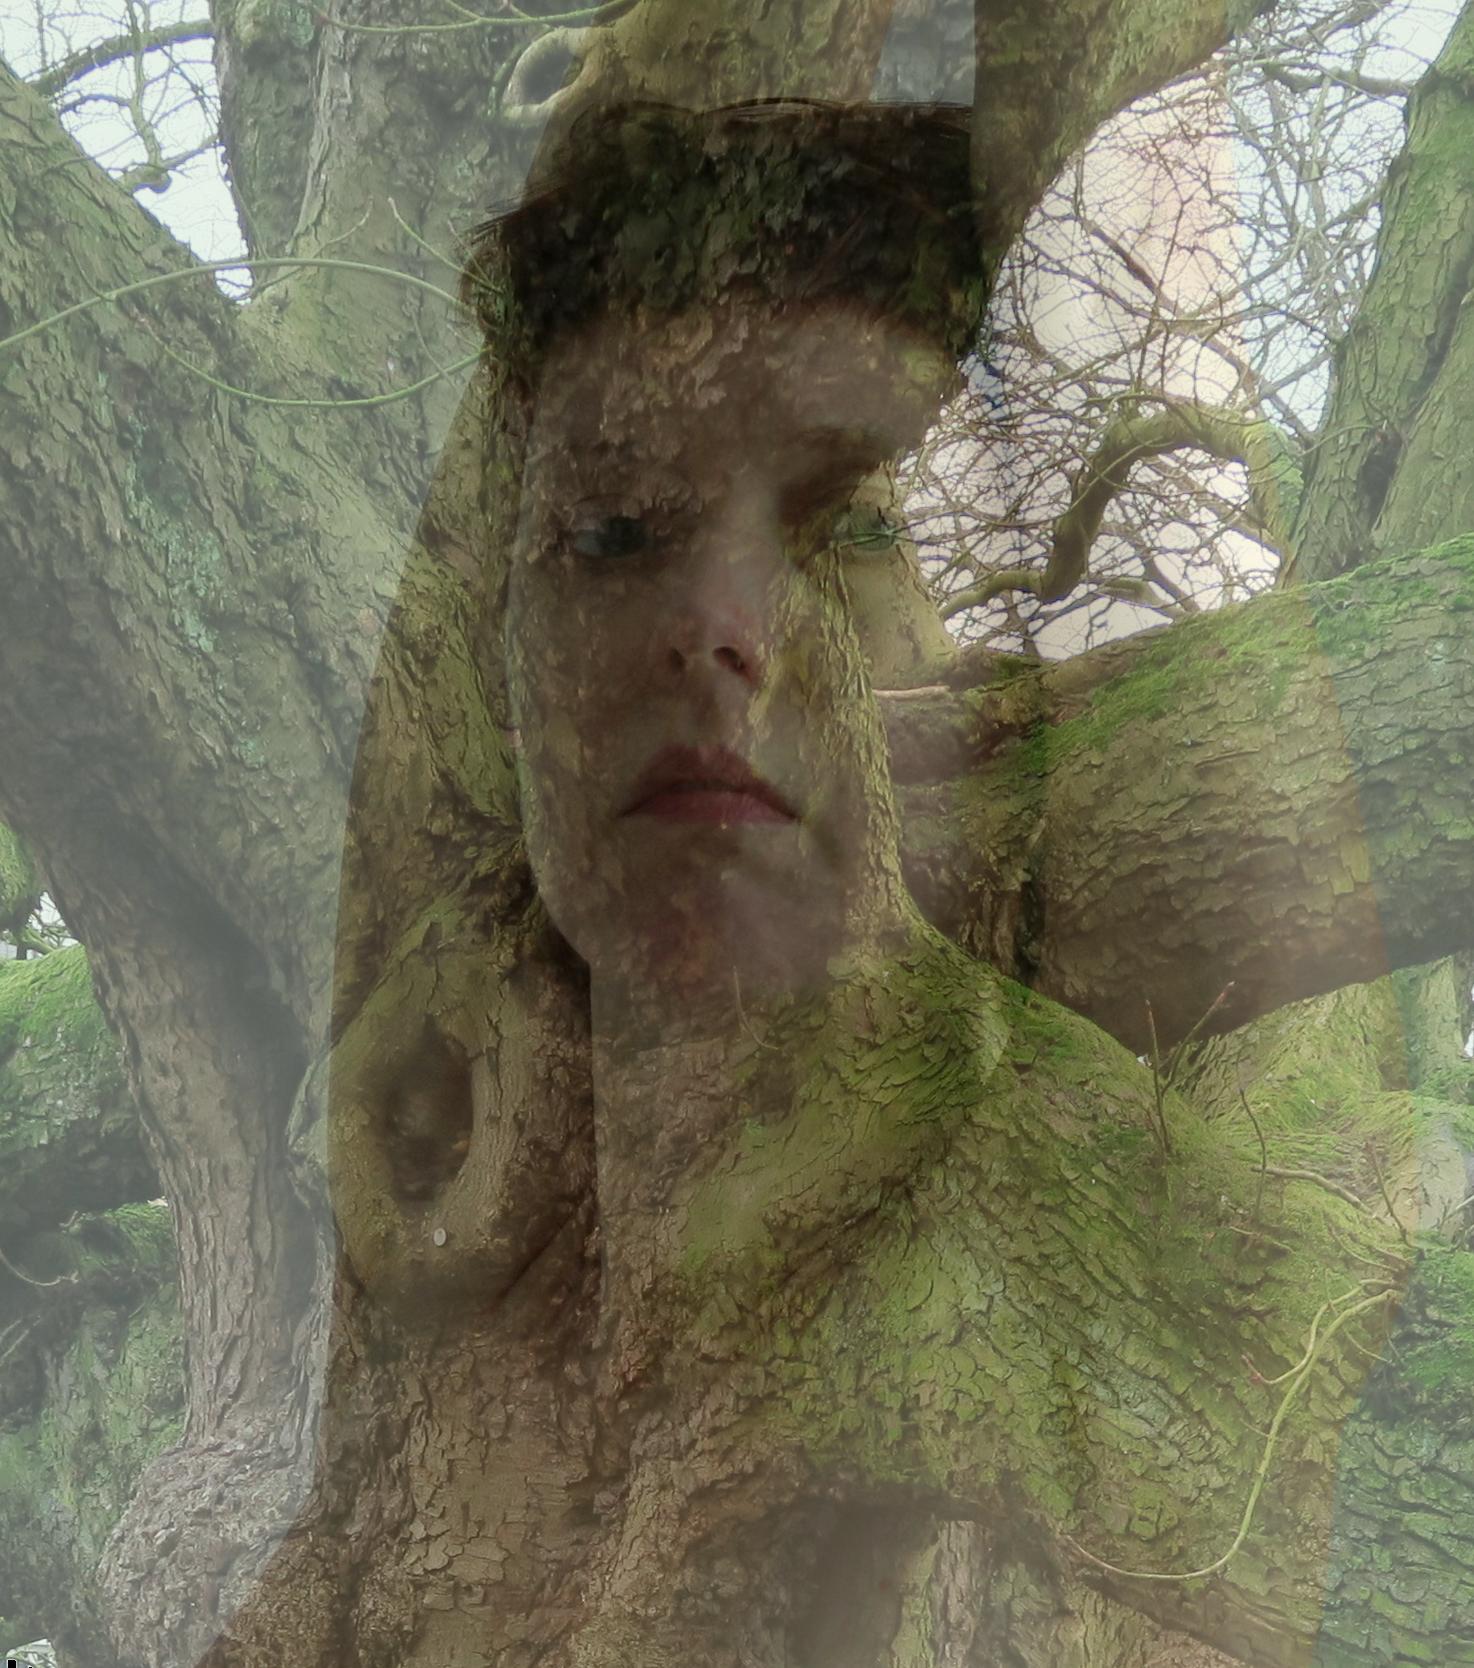 de_tail-celine-arbre-1516737236.png